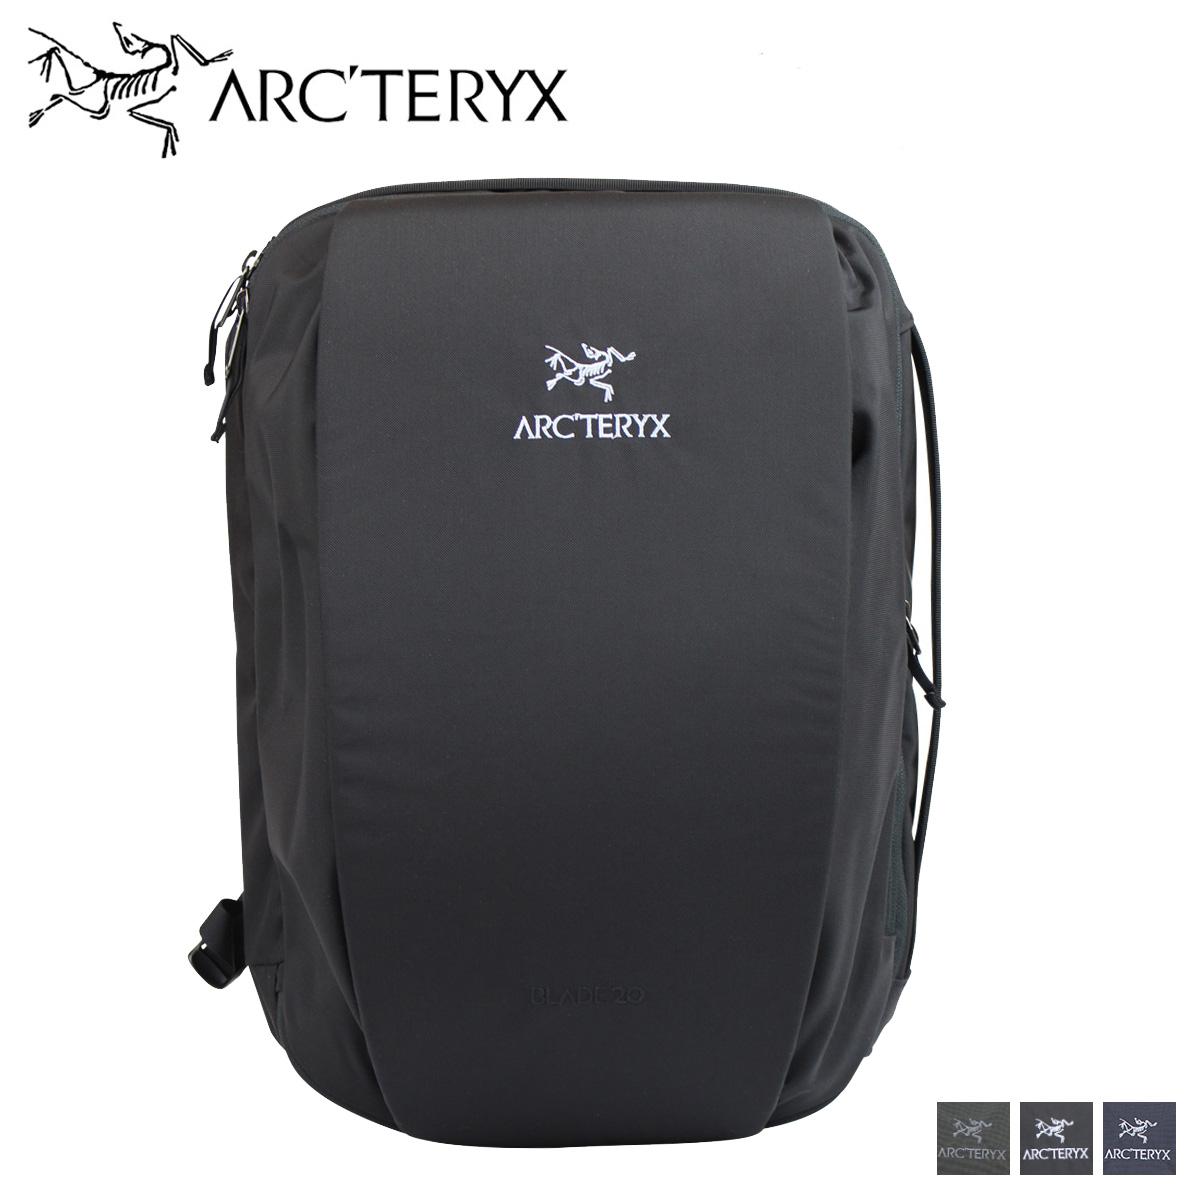 アークテリクス ARCTERYX リュック バッグ バックパック メンズ 20L BLADE 20 ブラック グレー 黒 16179